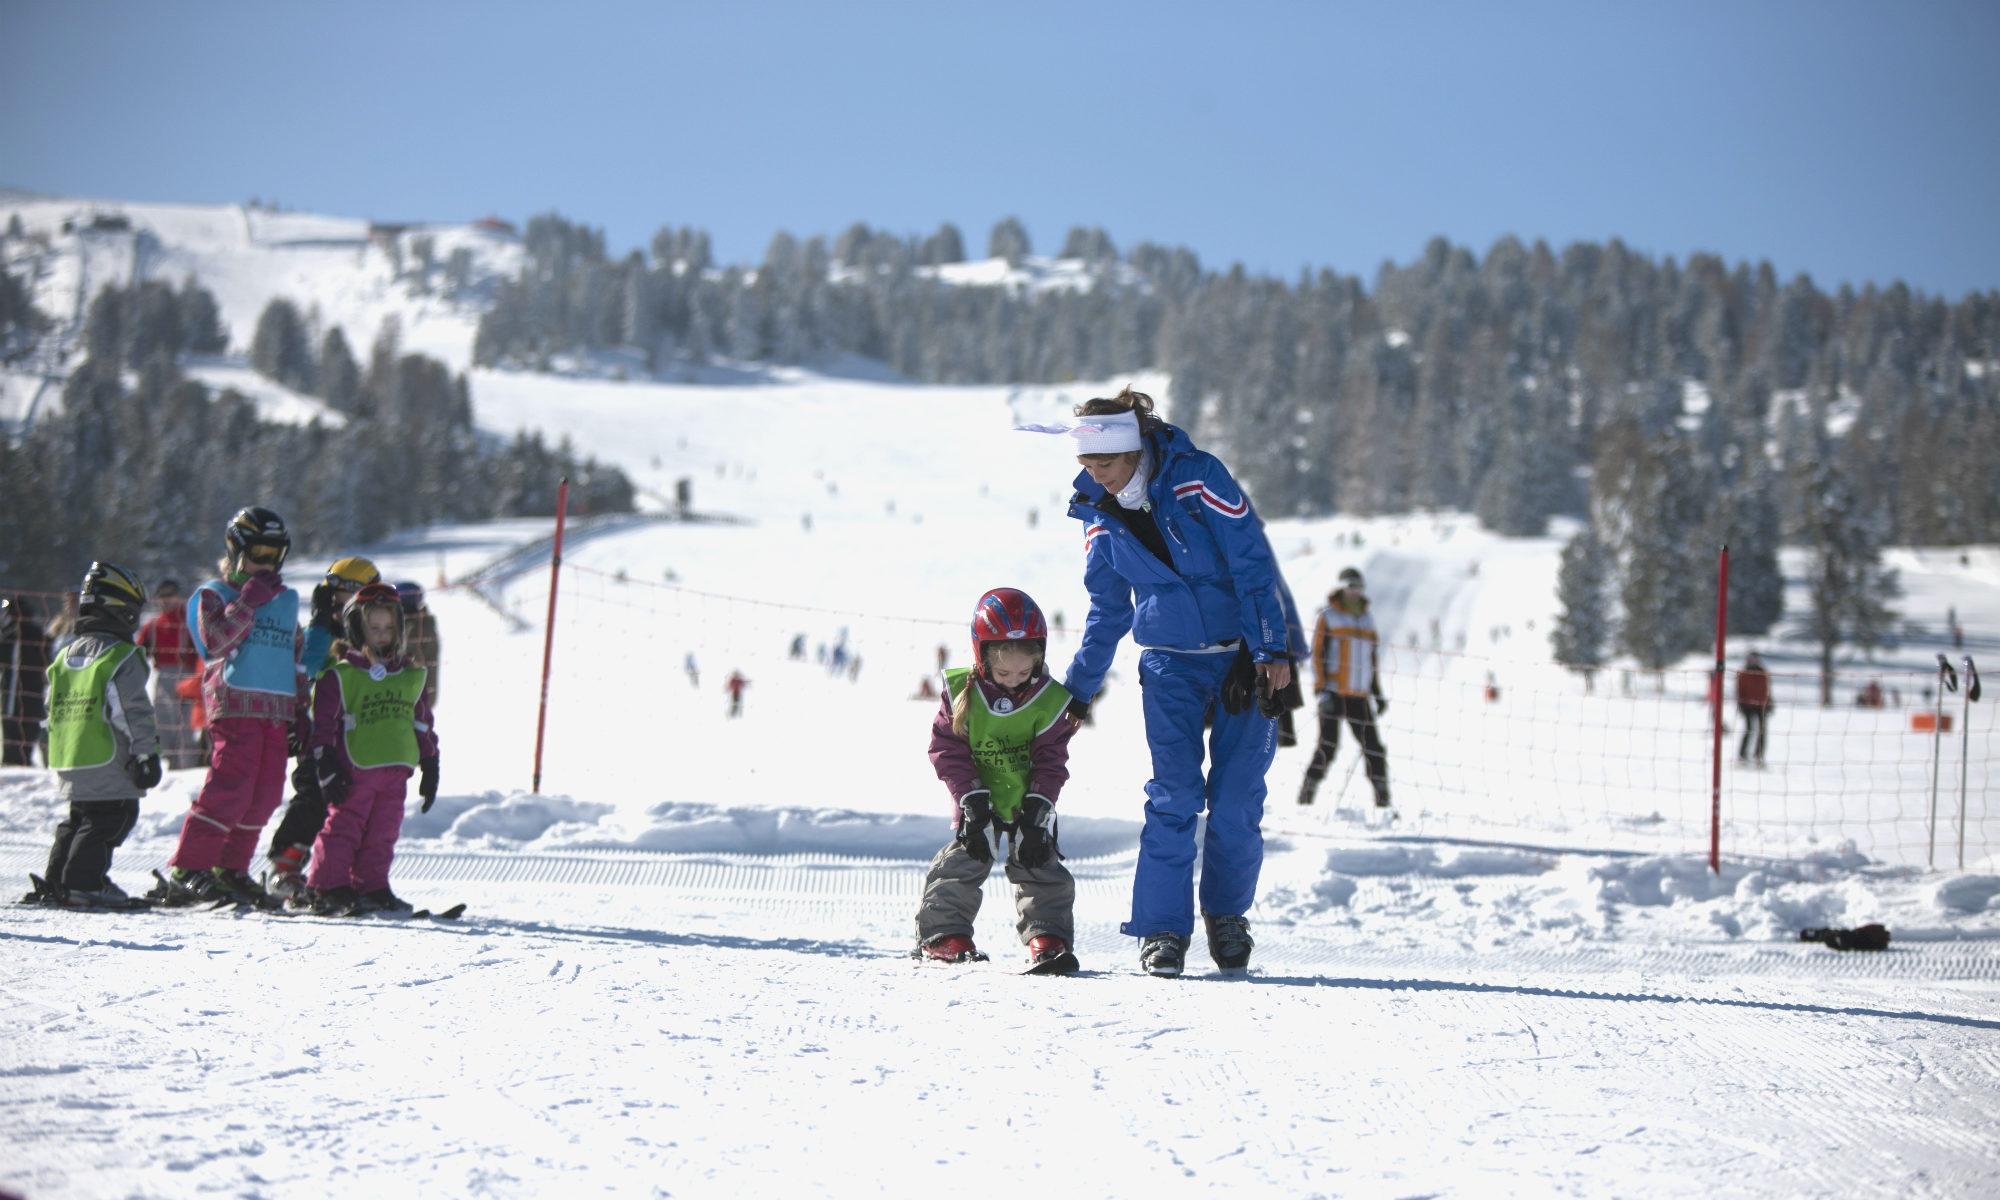 Ein kleines Kind übt das Skifahren in einem Gruppenkurs mit einer Skilehrerin.